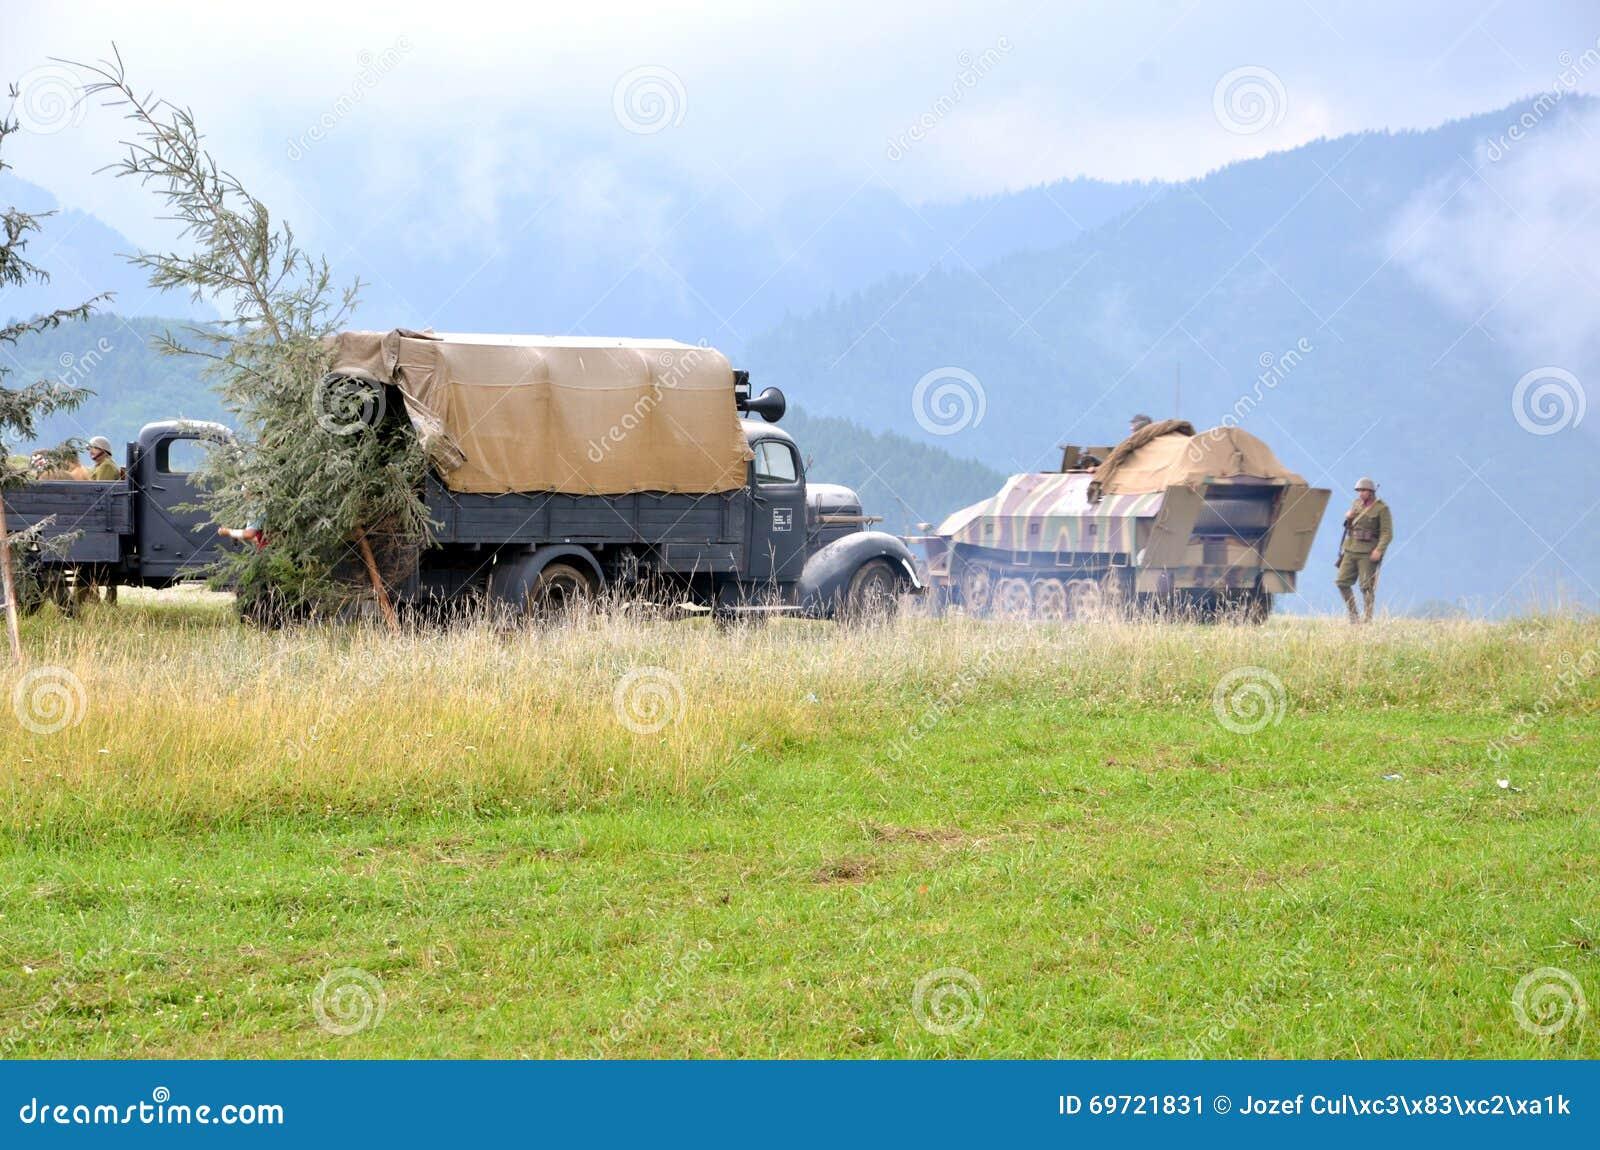 Reconstrucción histórica de la batalla de la guerra mundial 2 - el vehículo y los soldados acorazados de transporte se vistieron